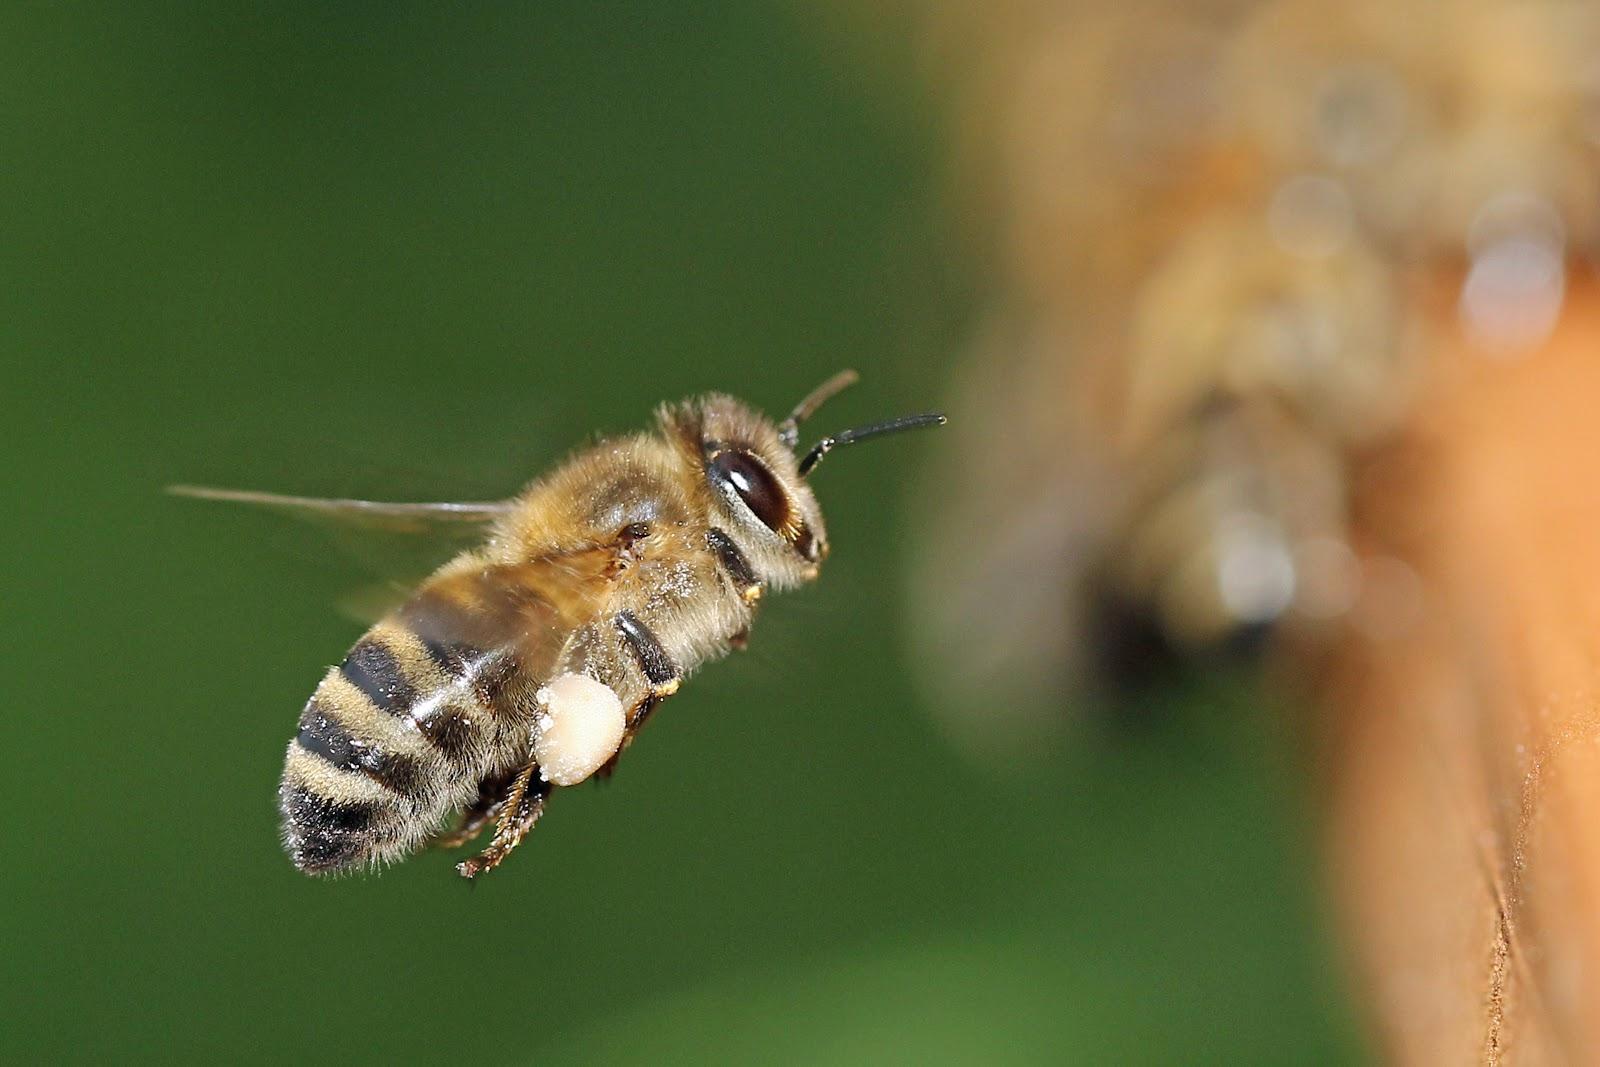 飛翔する一匹の蜜蜂